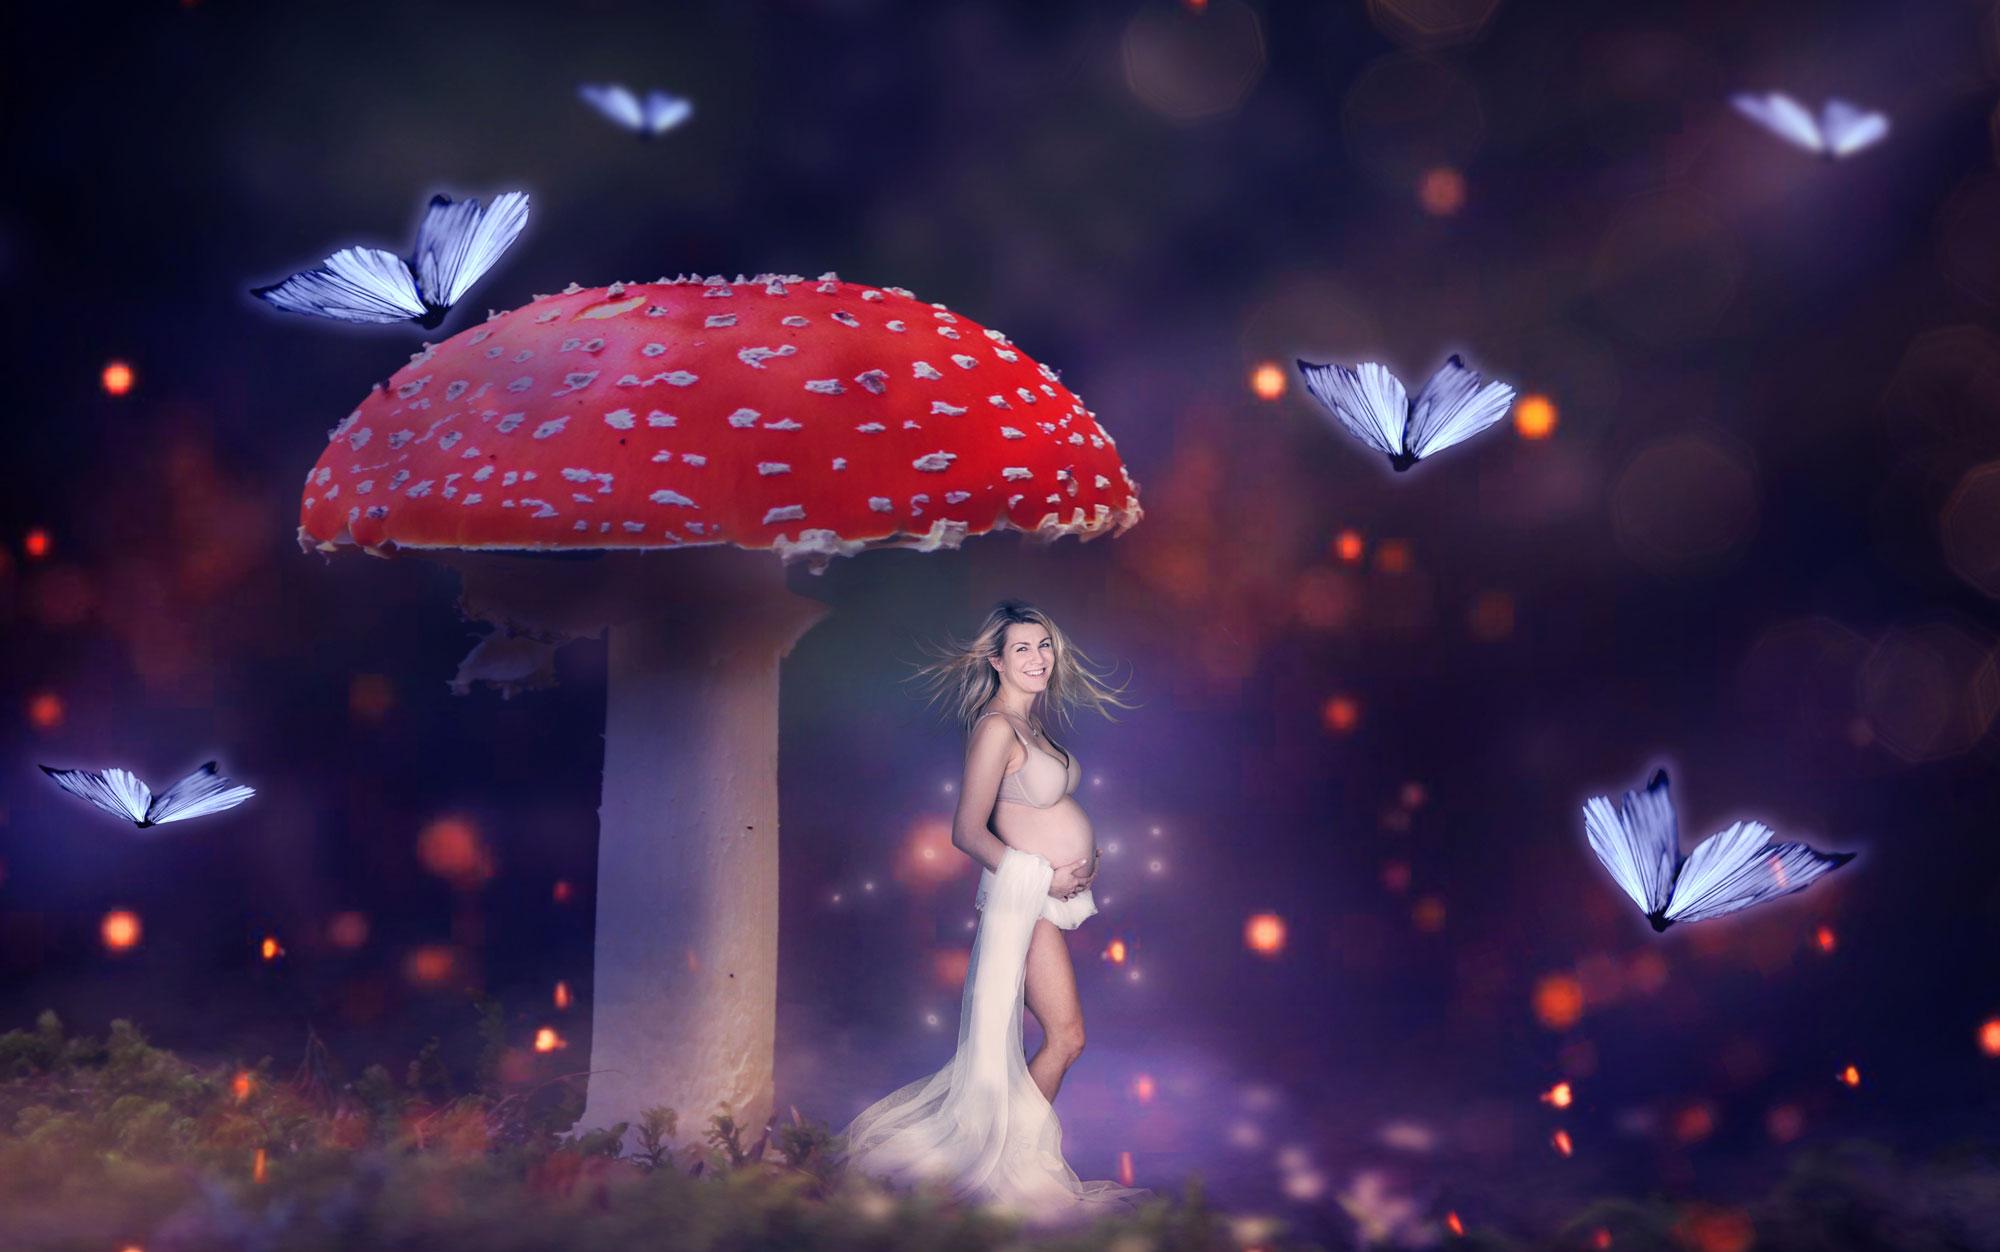 šárka-pod-houbičkou